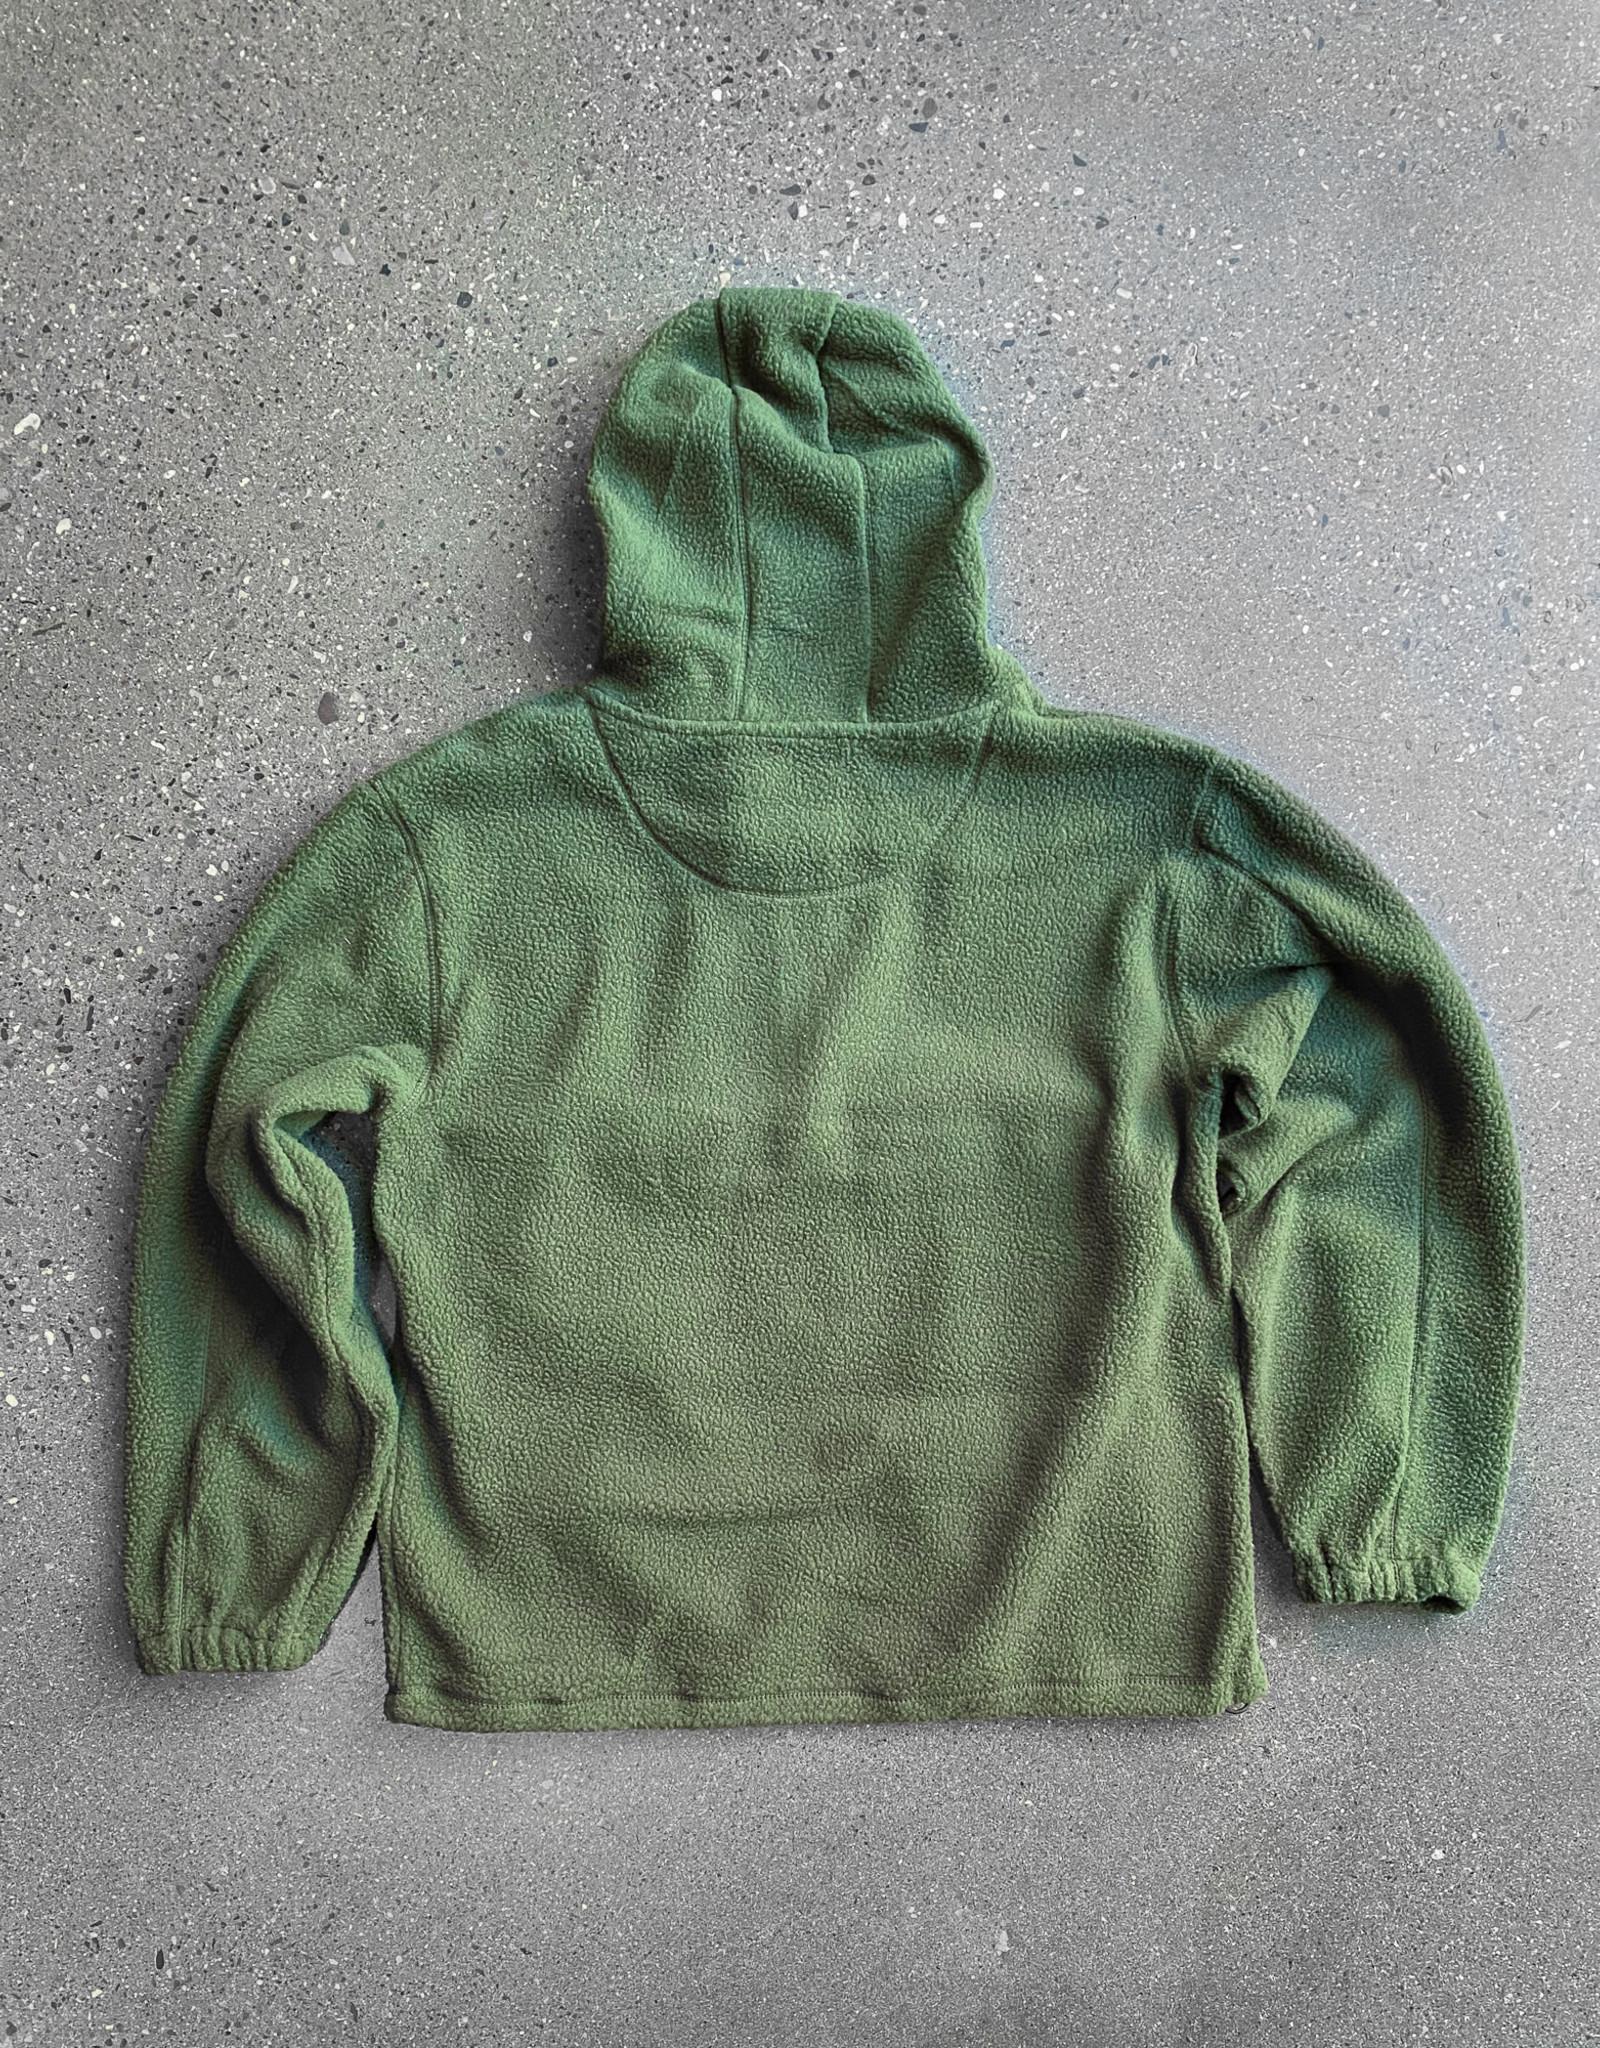 Katin Redding Jacket - Olive